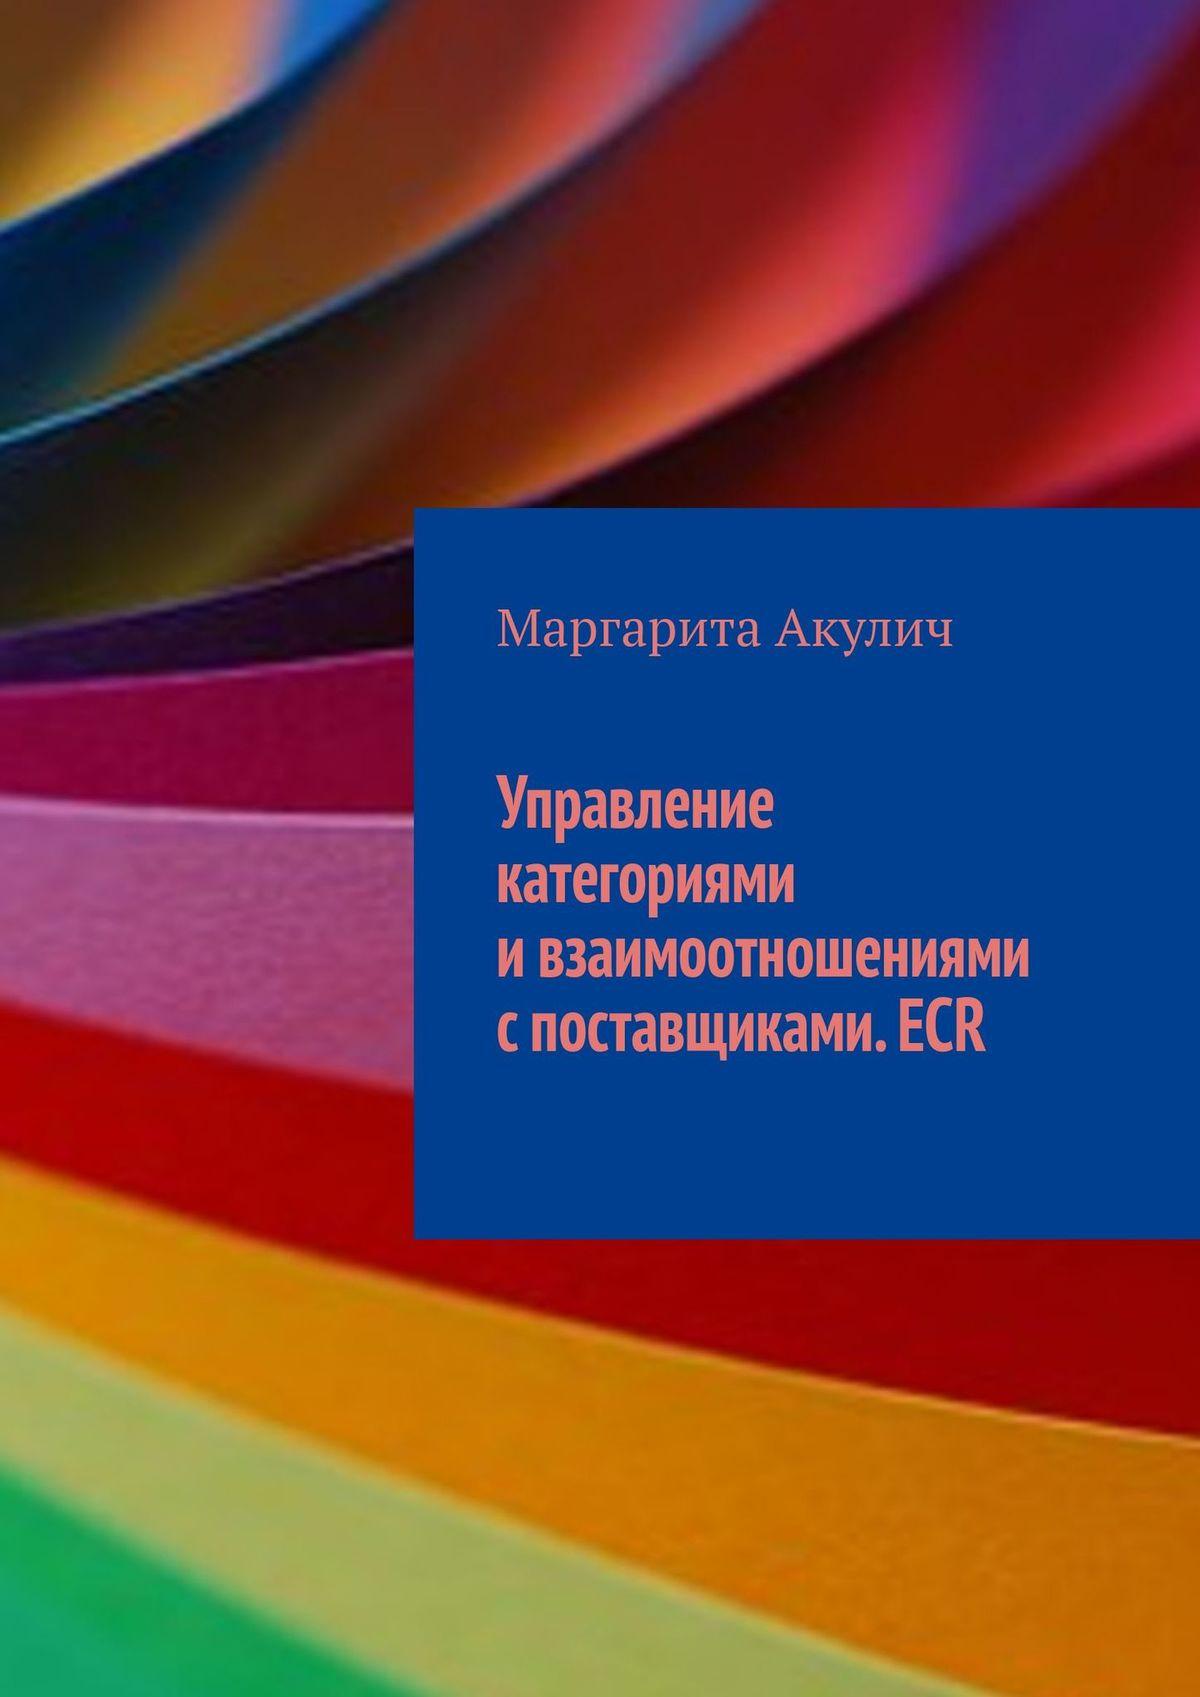 Управление категориями ивзаимоотношениями споставщиками.ECR